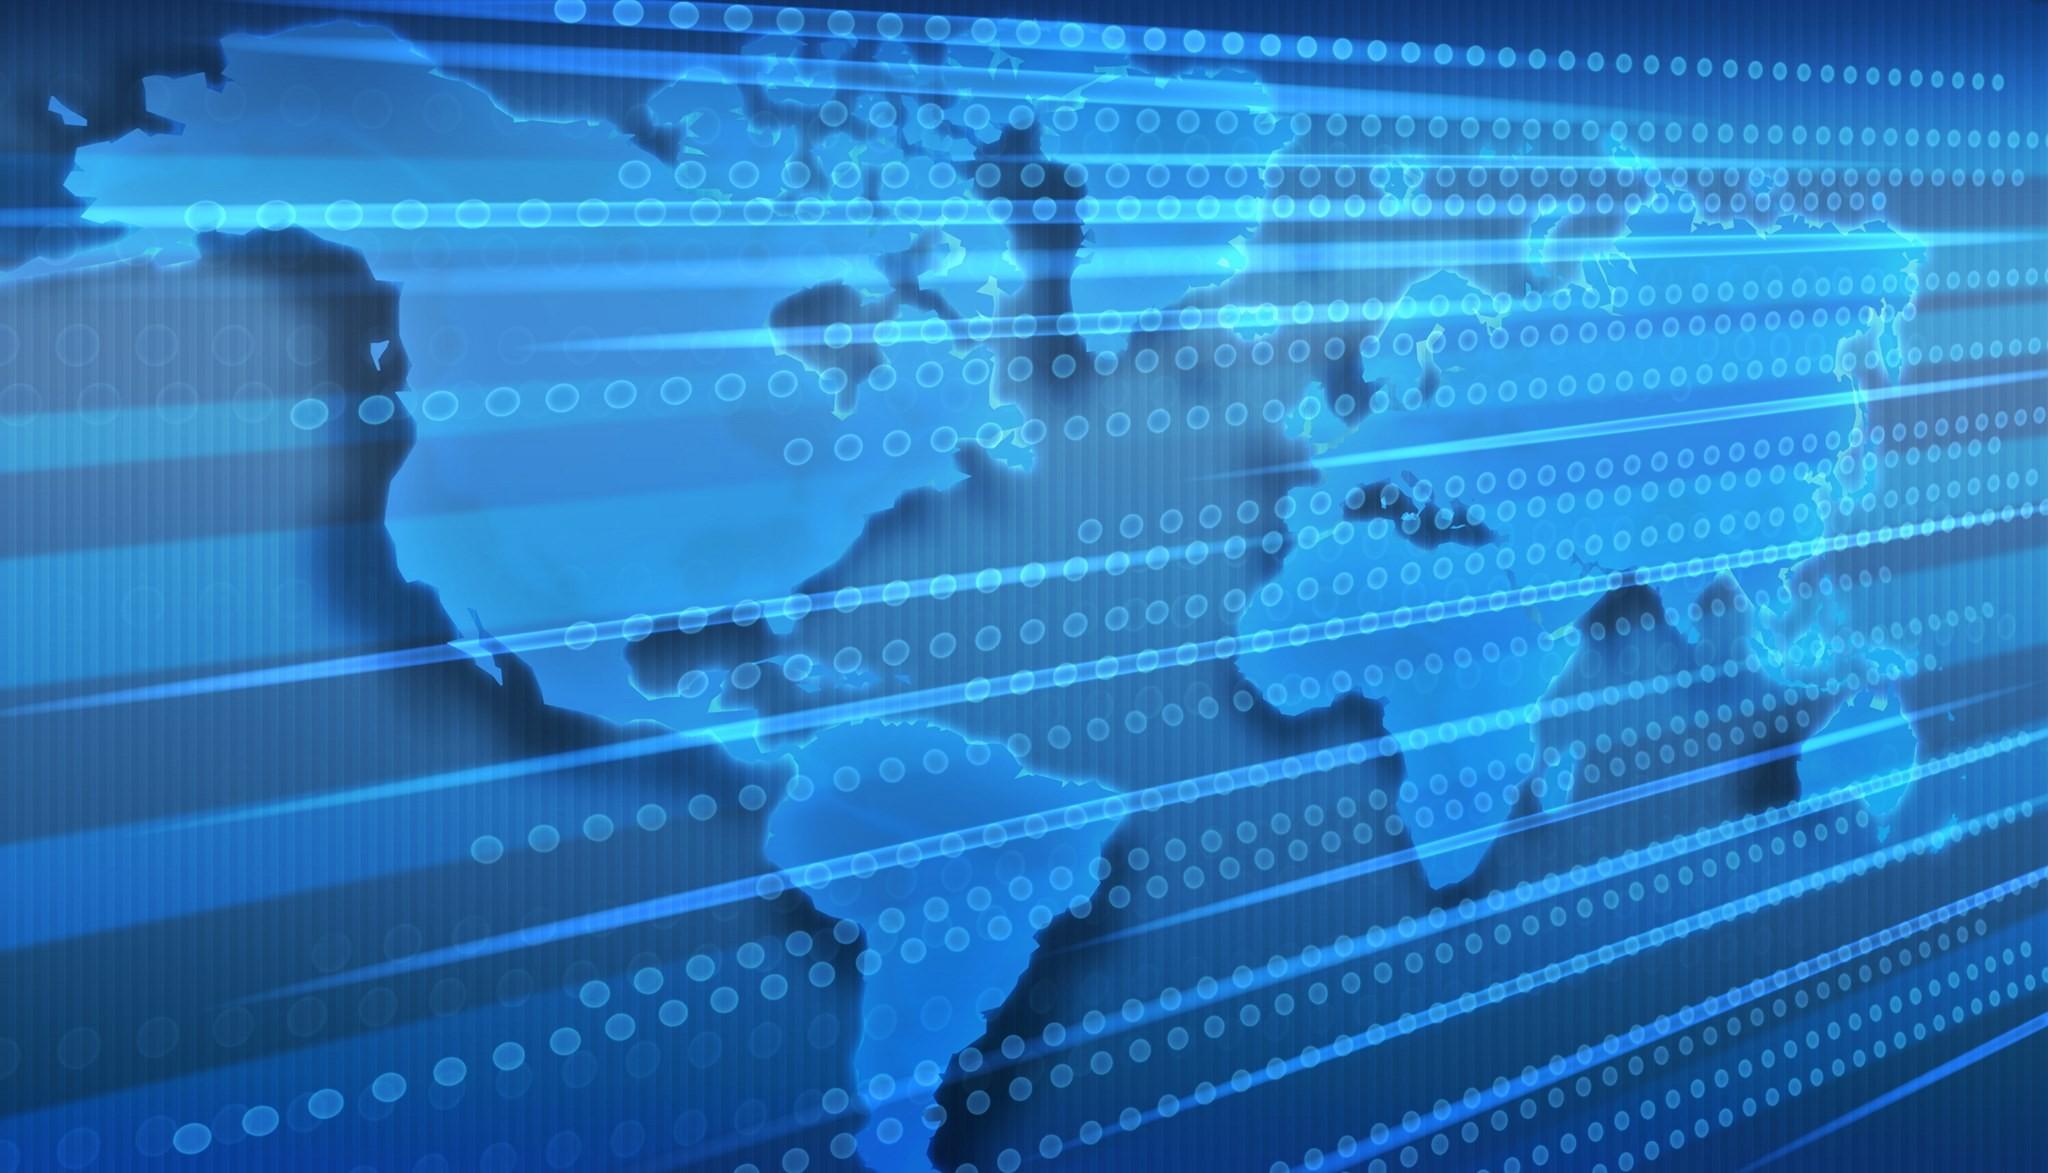 5 pelningos prekybos strategijos opcionai kuriais prekiaujama greitai